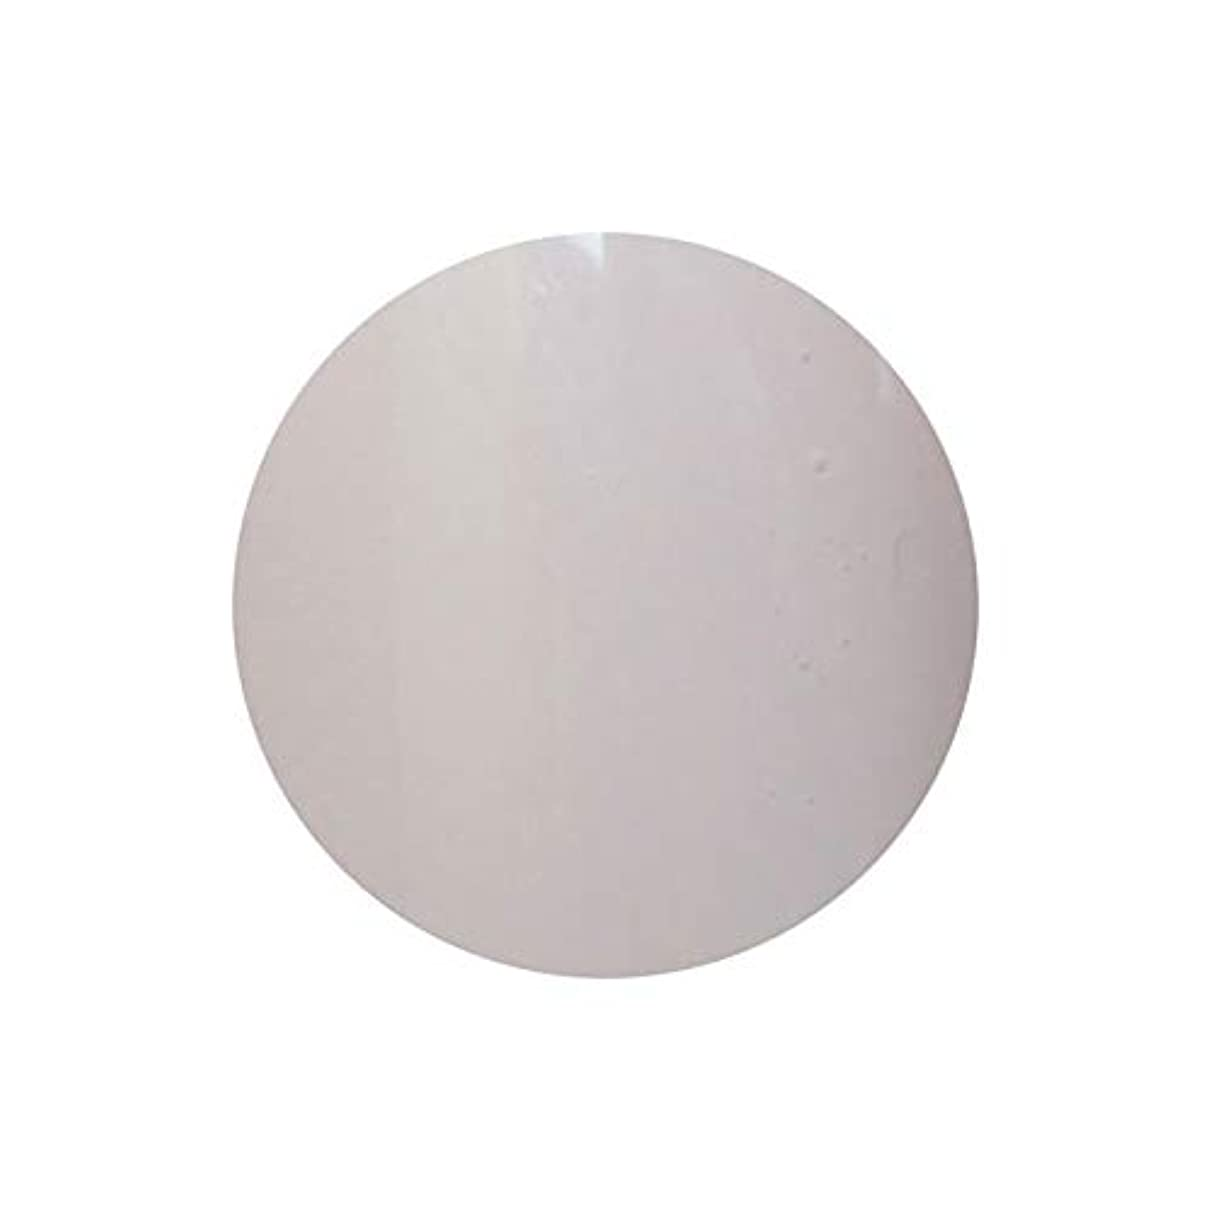 固める閲覧する見かけ上NEW】T-GEL COLLECTION カラージェル D220 モカホワイト 4ml